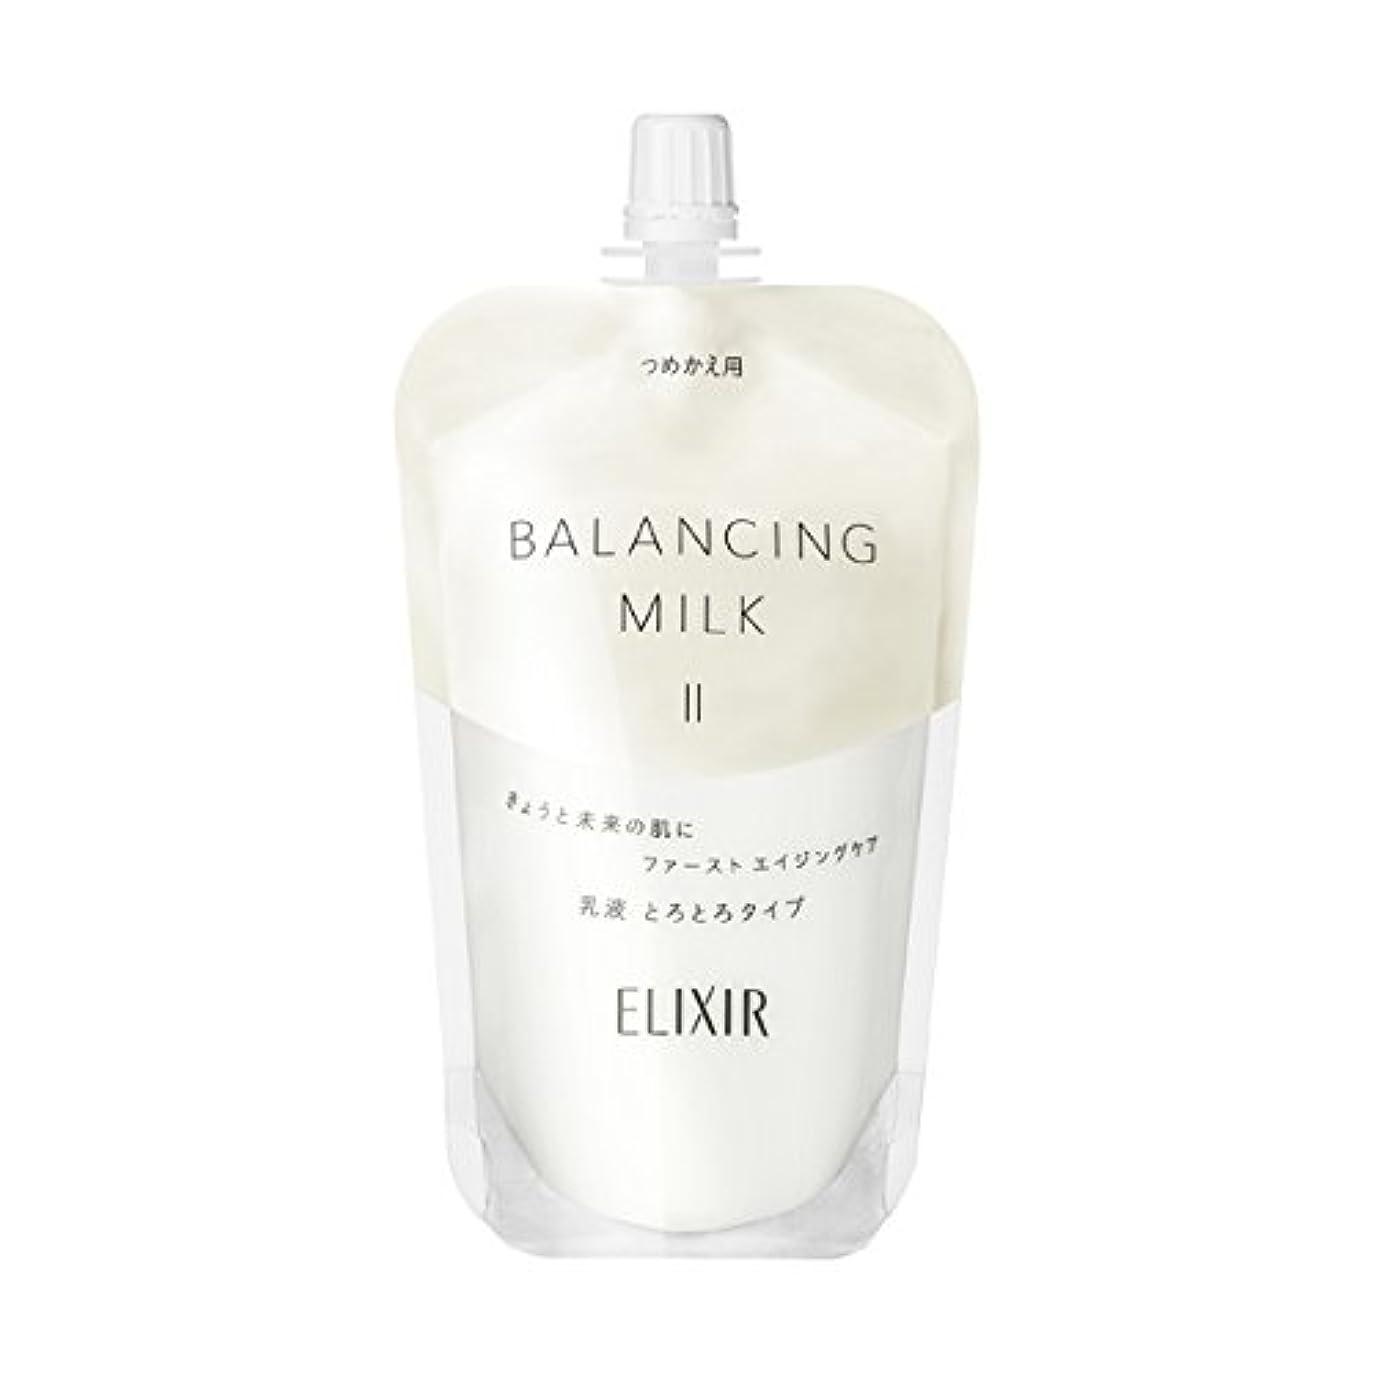 スズメバチ分離試してみるエリクシール ルフレ バランシング ミルク 乳液 2 (とろとろタイプ) (つめかえ用) 110mL